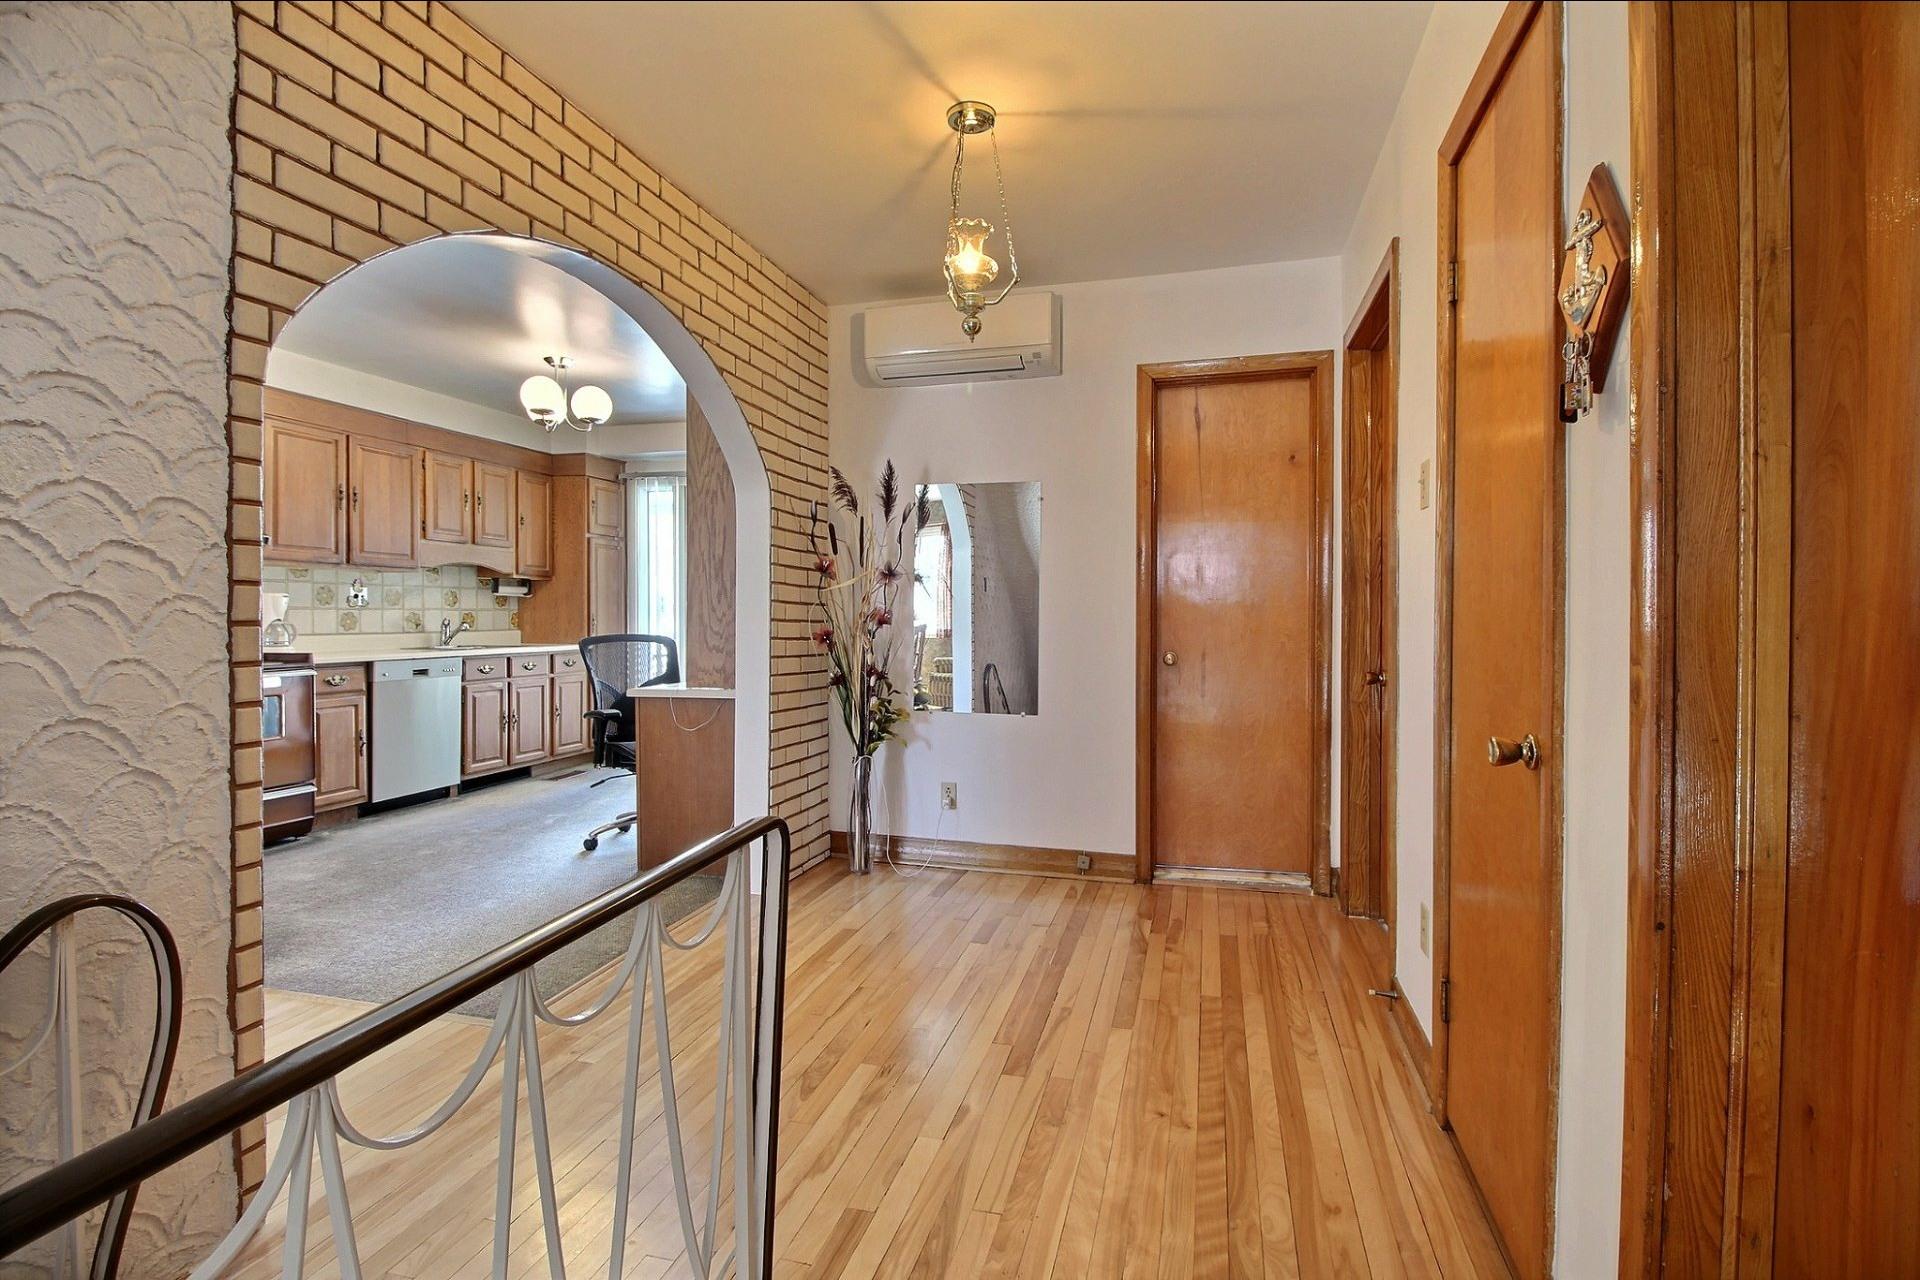 image 1 - Duplex For sale Montréal Rivière-des-Prairies/Pointe-aux-Trembles  - 6 rooms